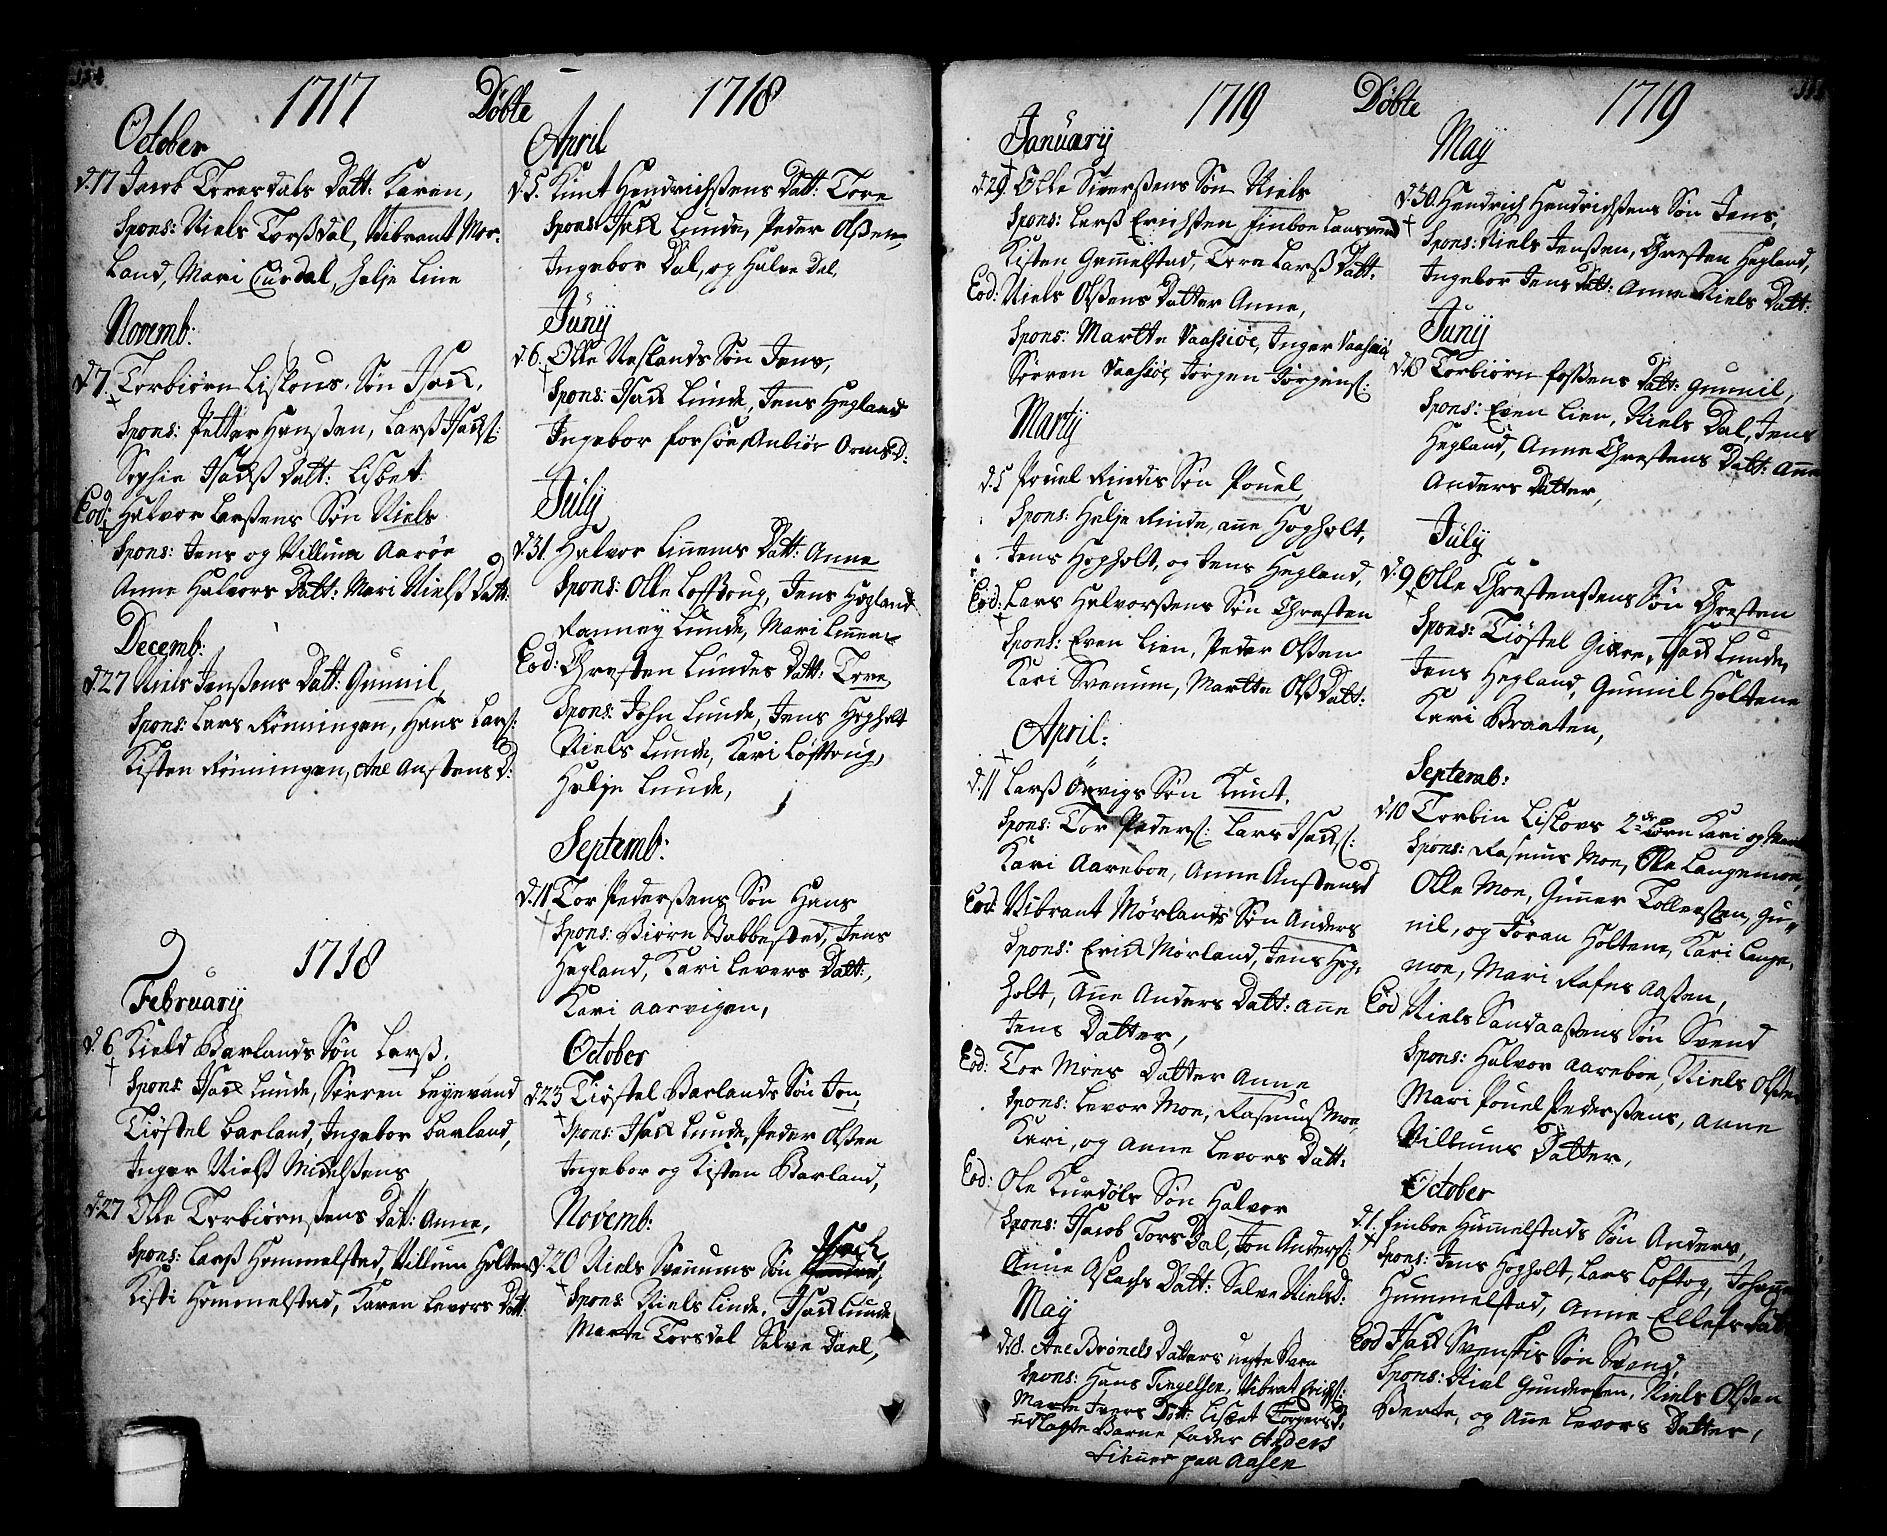 SAKO, Sannidal kirkebøker, F/Fa/L0001: Ministerialbok nr. 1, 1702-1766, s. 114-115